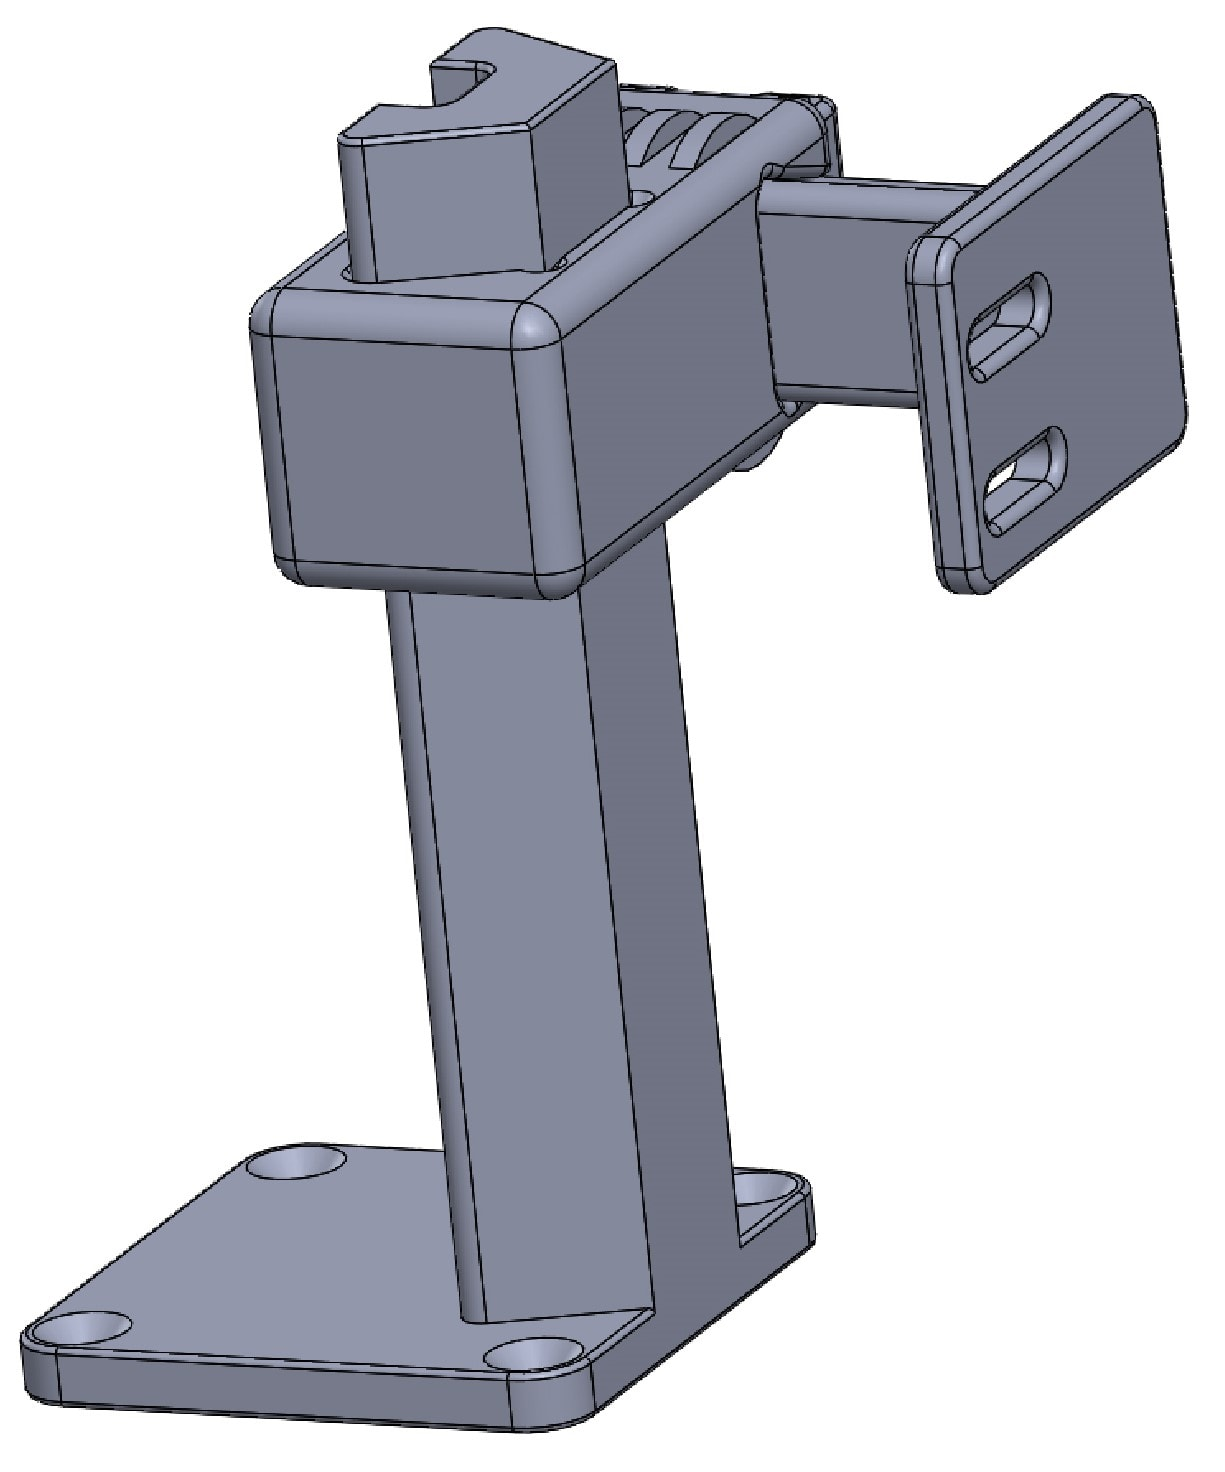 2 adjustable axis CAD design